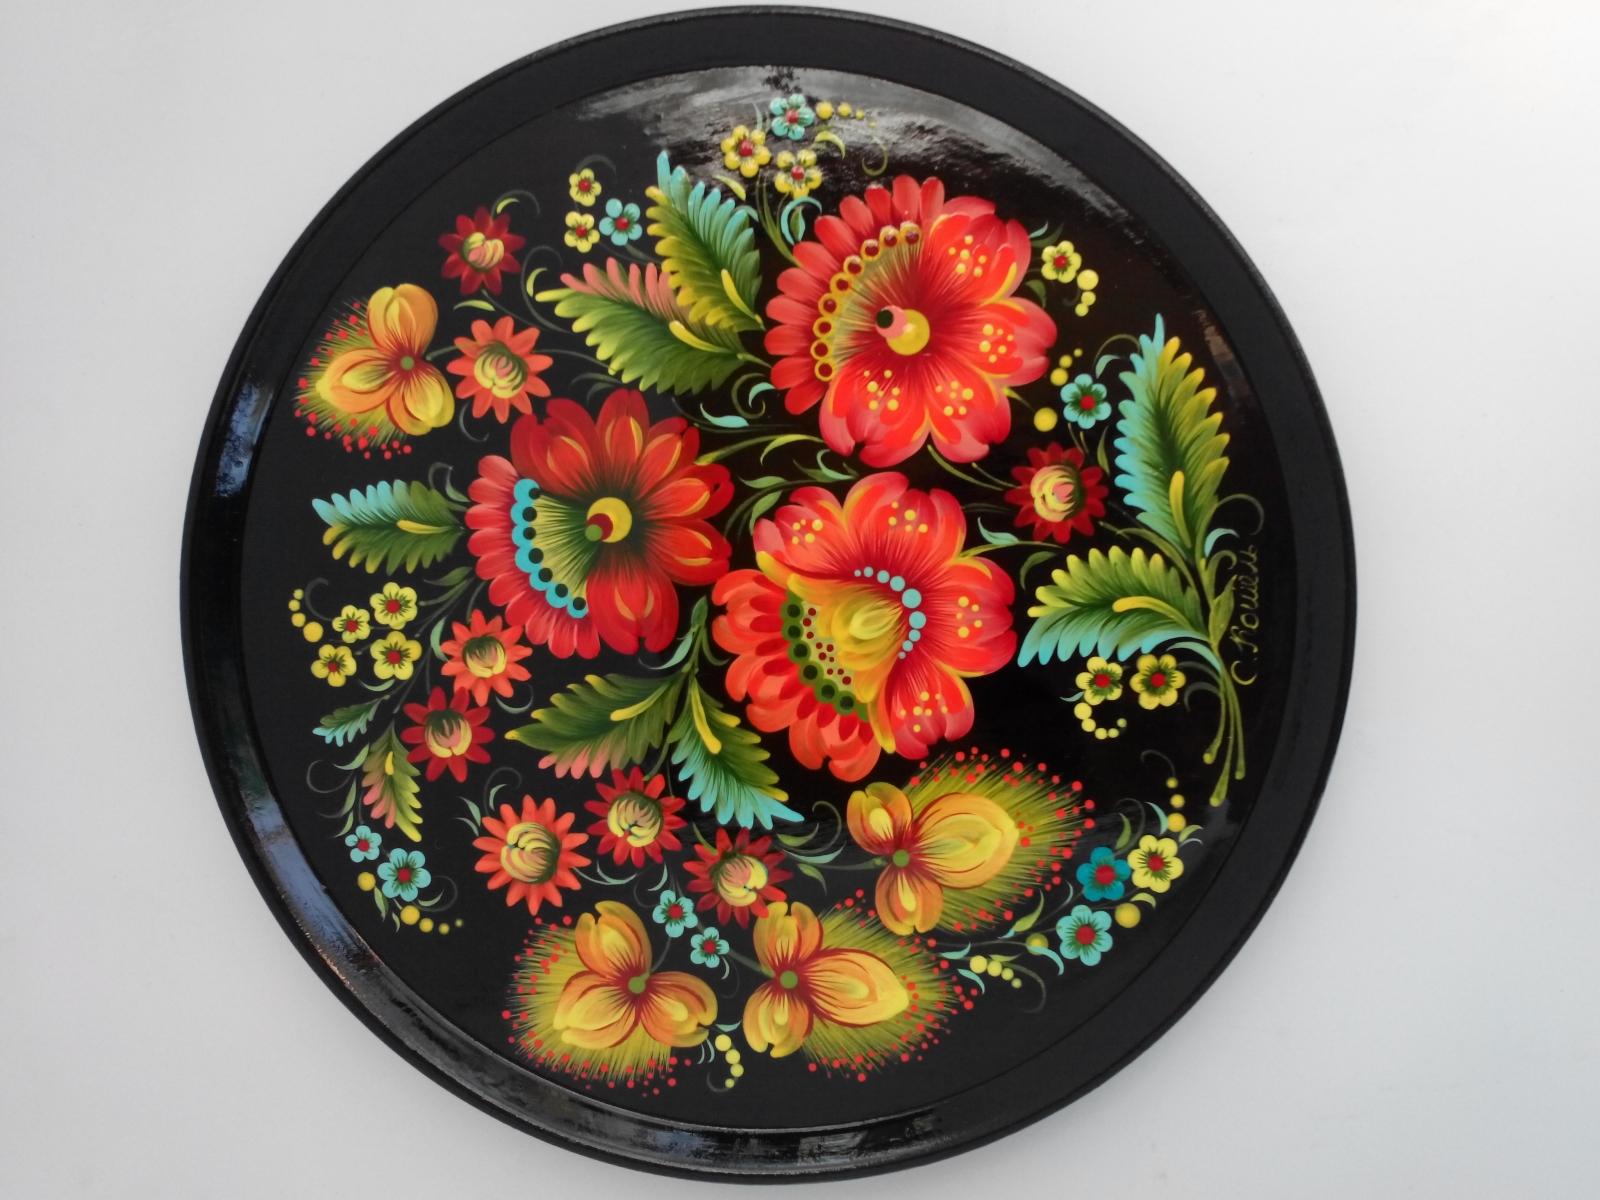 Автор: Светлана Кошель, тарелка на чёрном. Петриковская роспись.